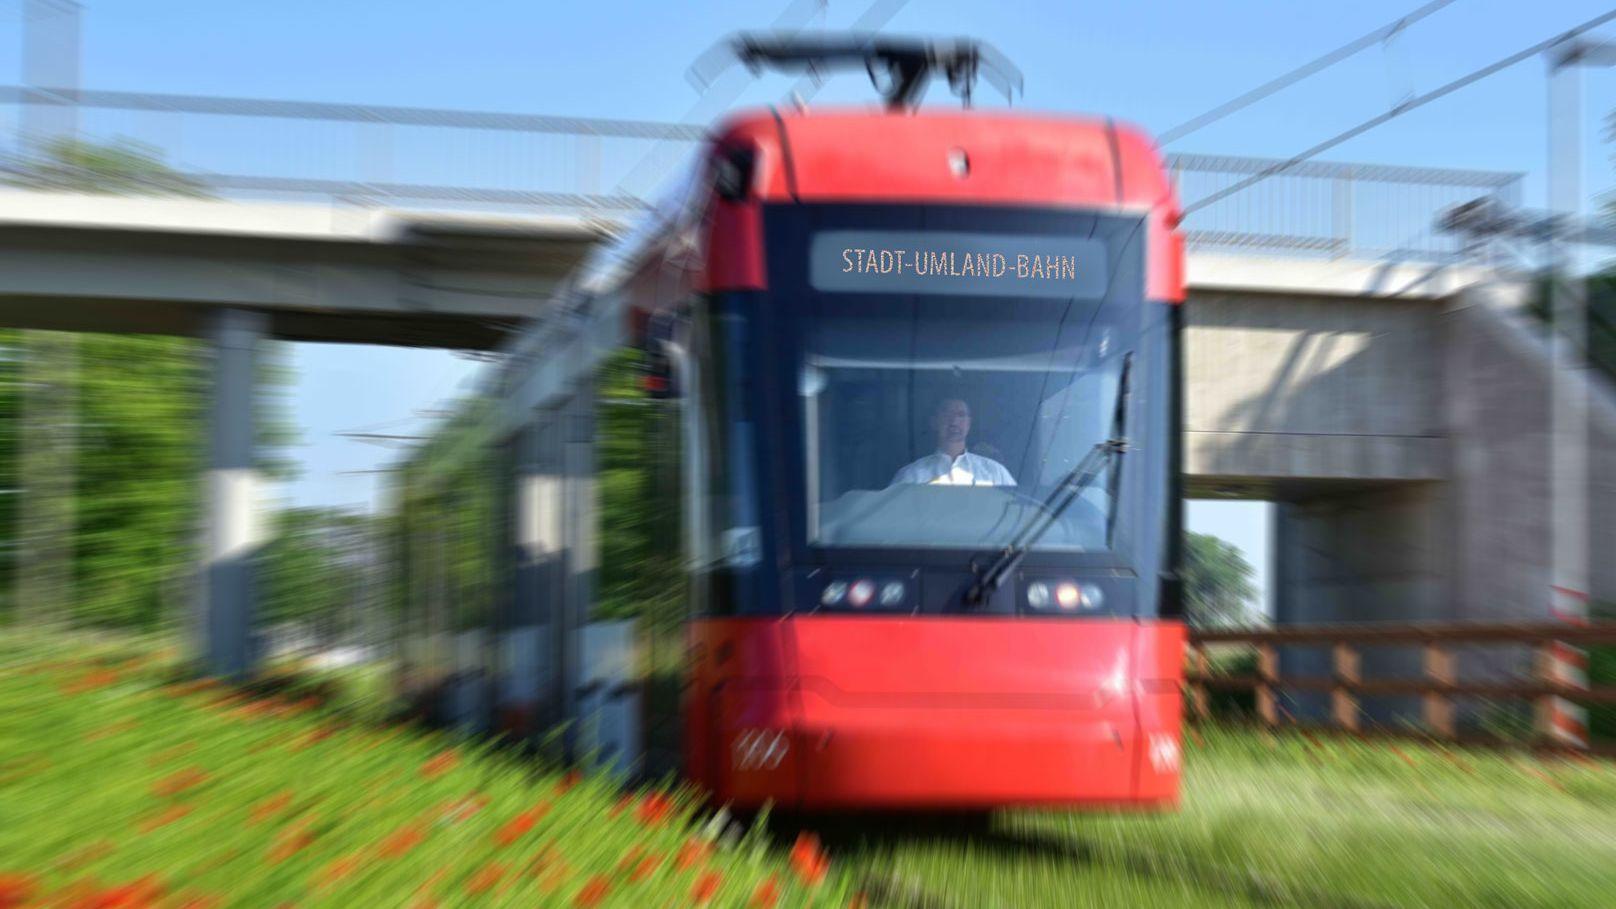 Symbolbild der Stadt-Umland-Bahn